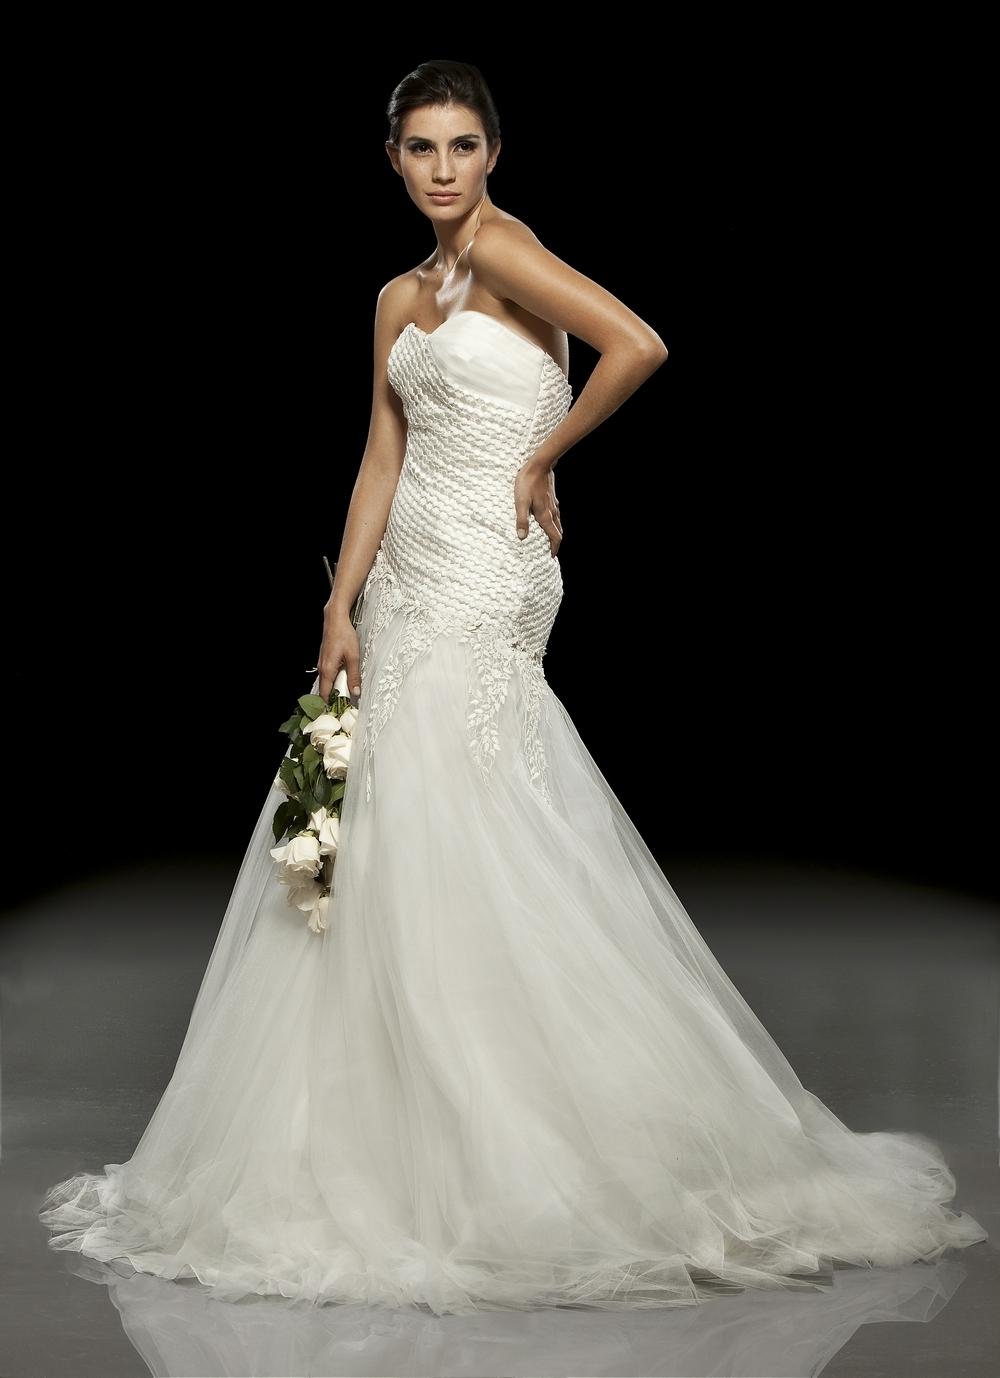 Francesca-miranda-2011-wedding-dress-7-sweetheart-white-a-line-wedding-dress-textured-bodice-tulle-skirt.full